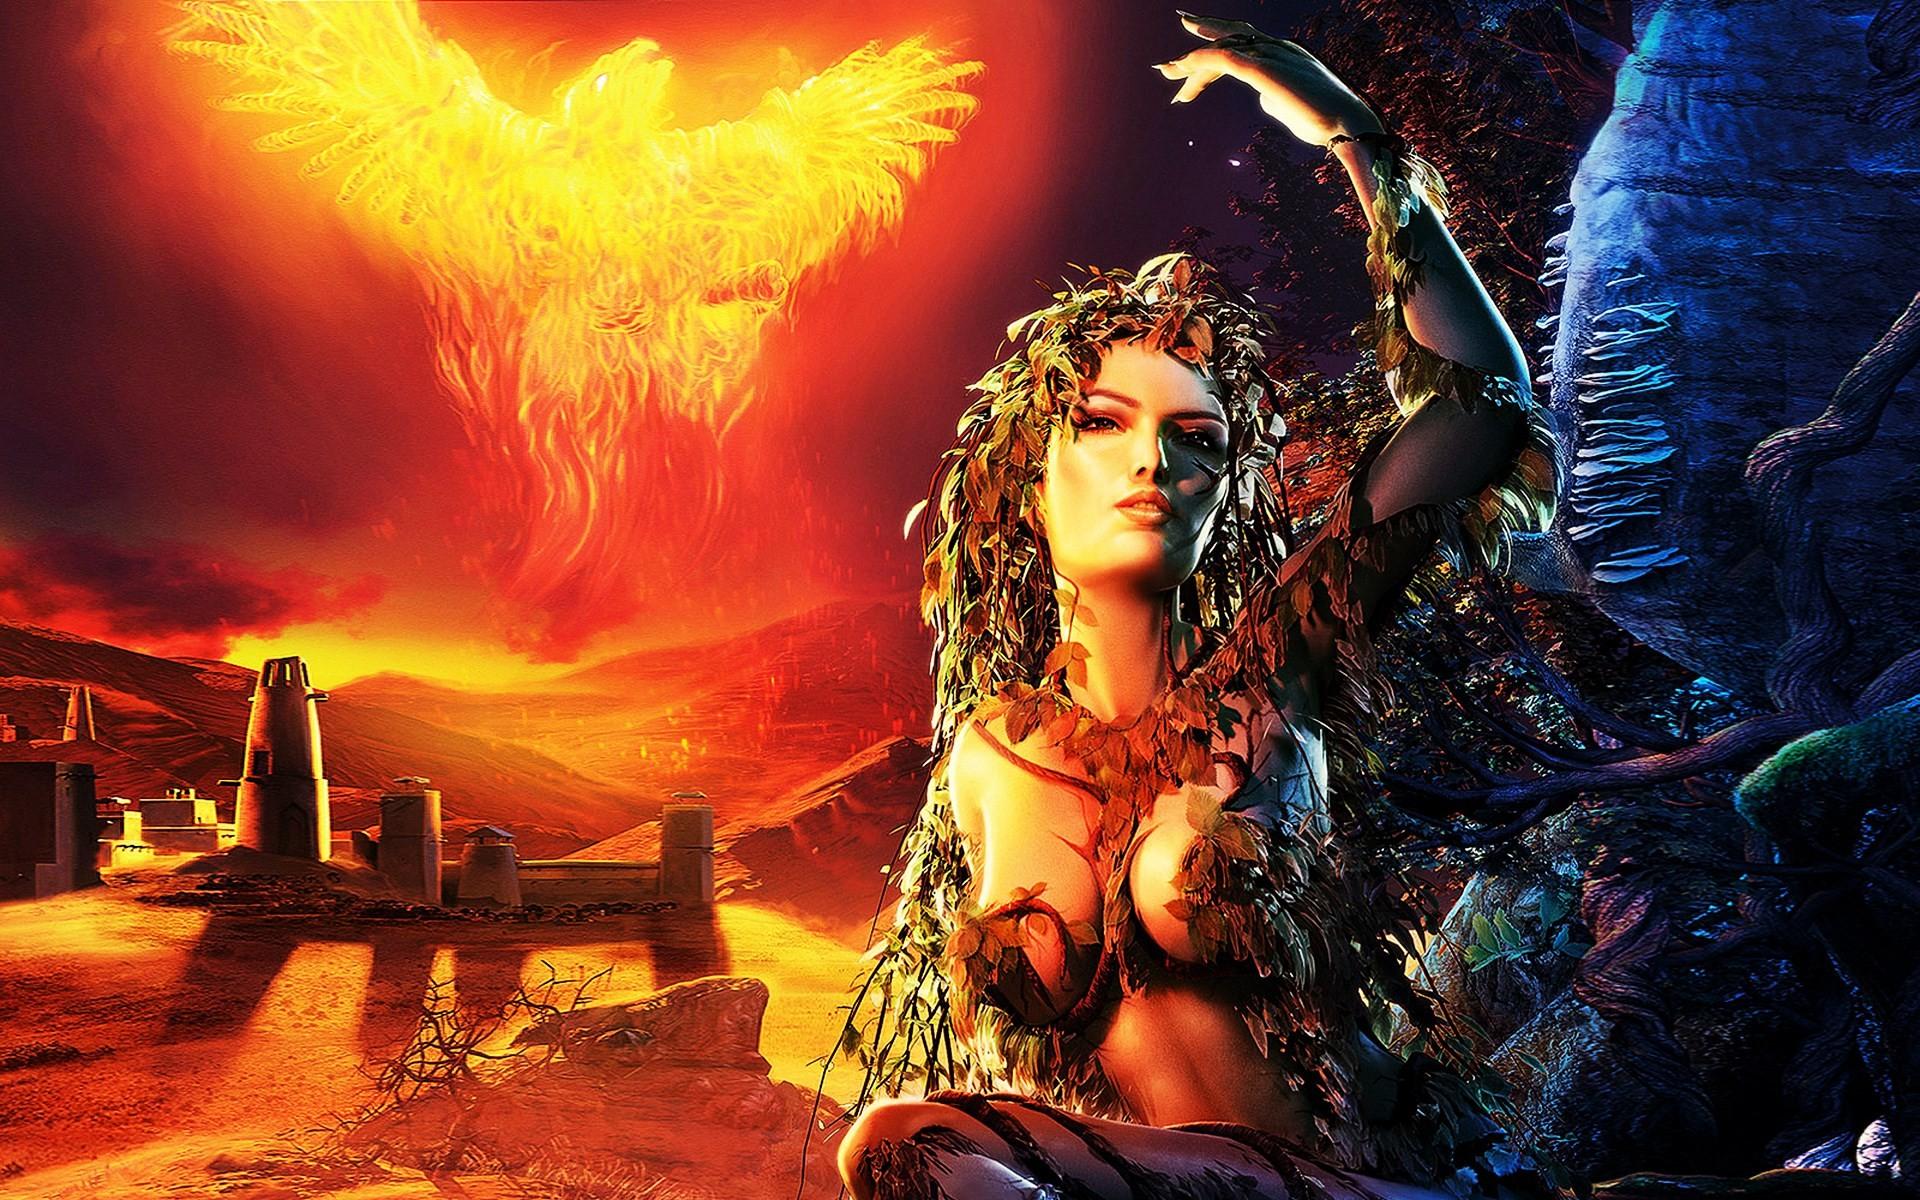 spellforce shadow of the phoenix desktop nexus wallpaper